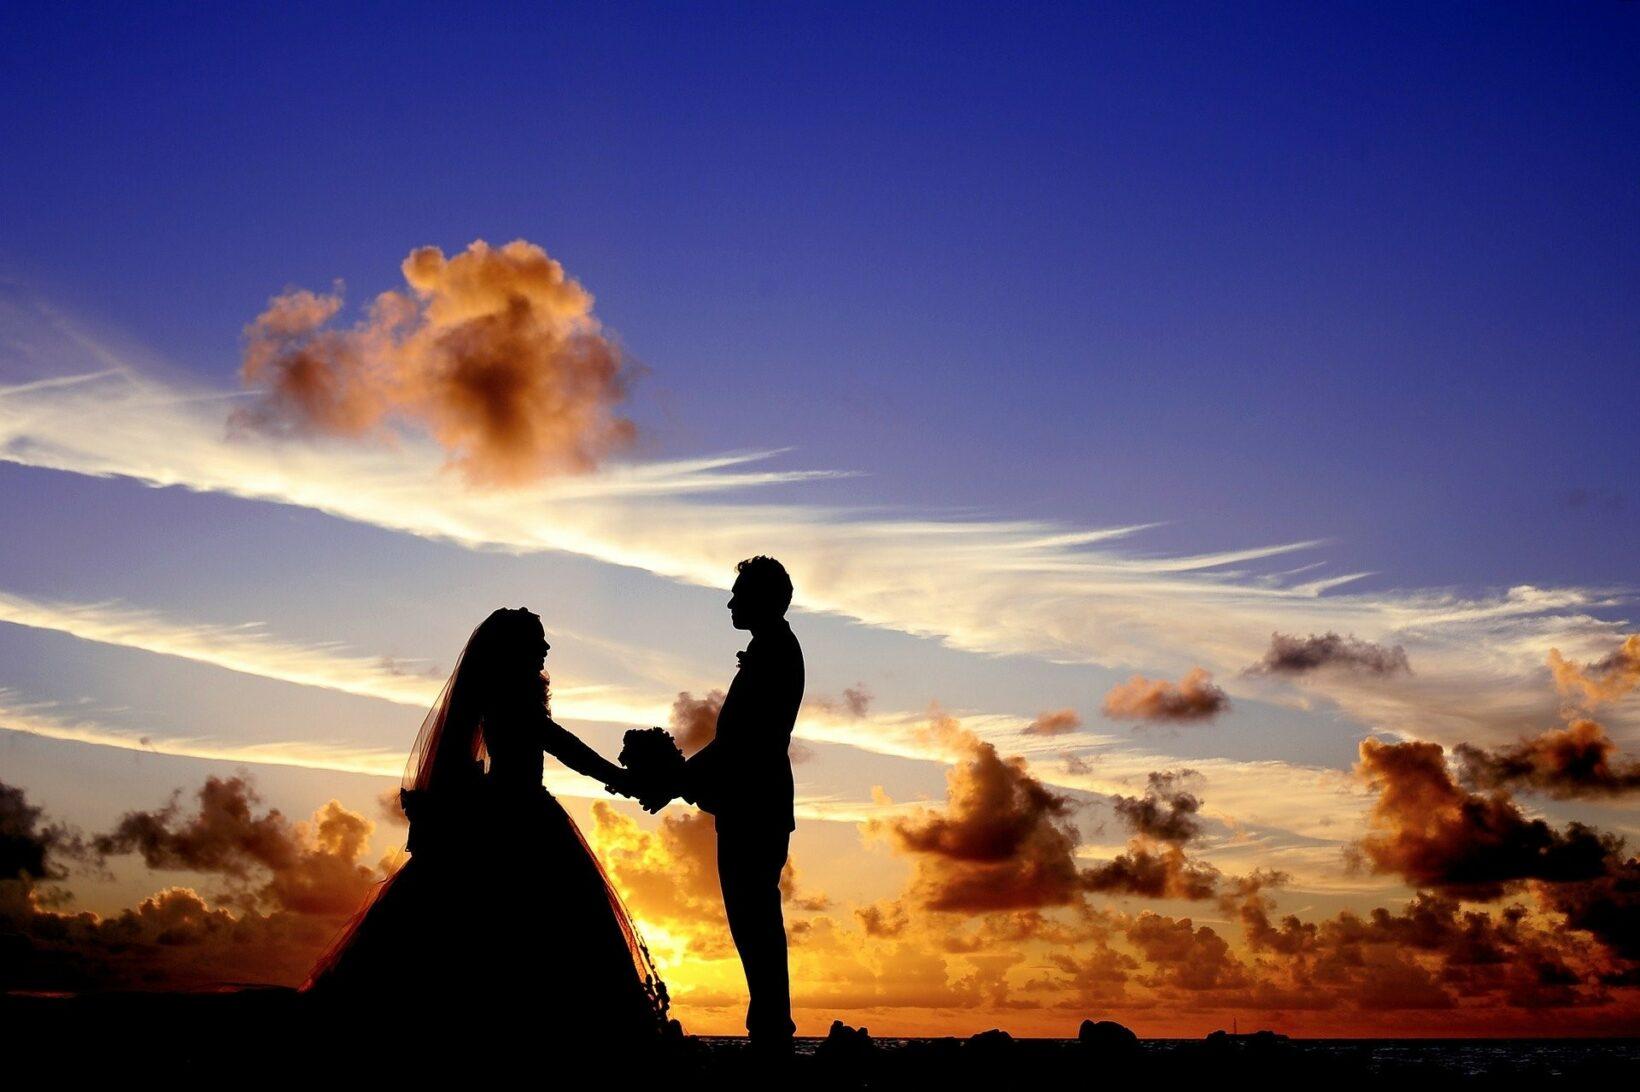 Une carte cadeau dématérialisée pour le mariage d'un collaborateur.